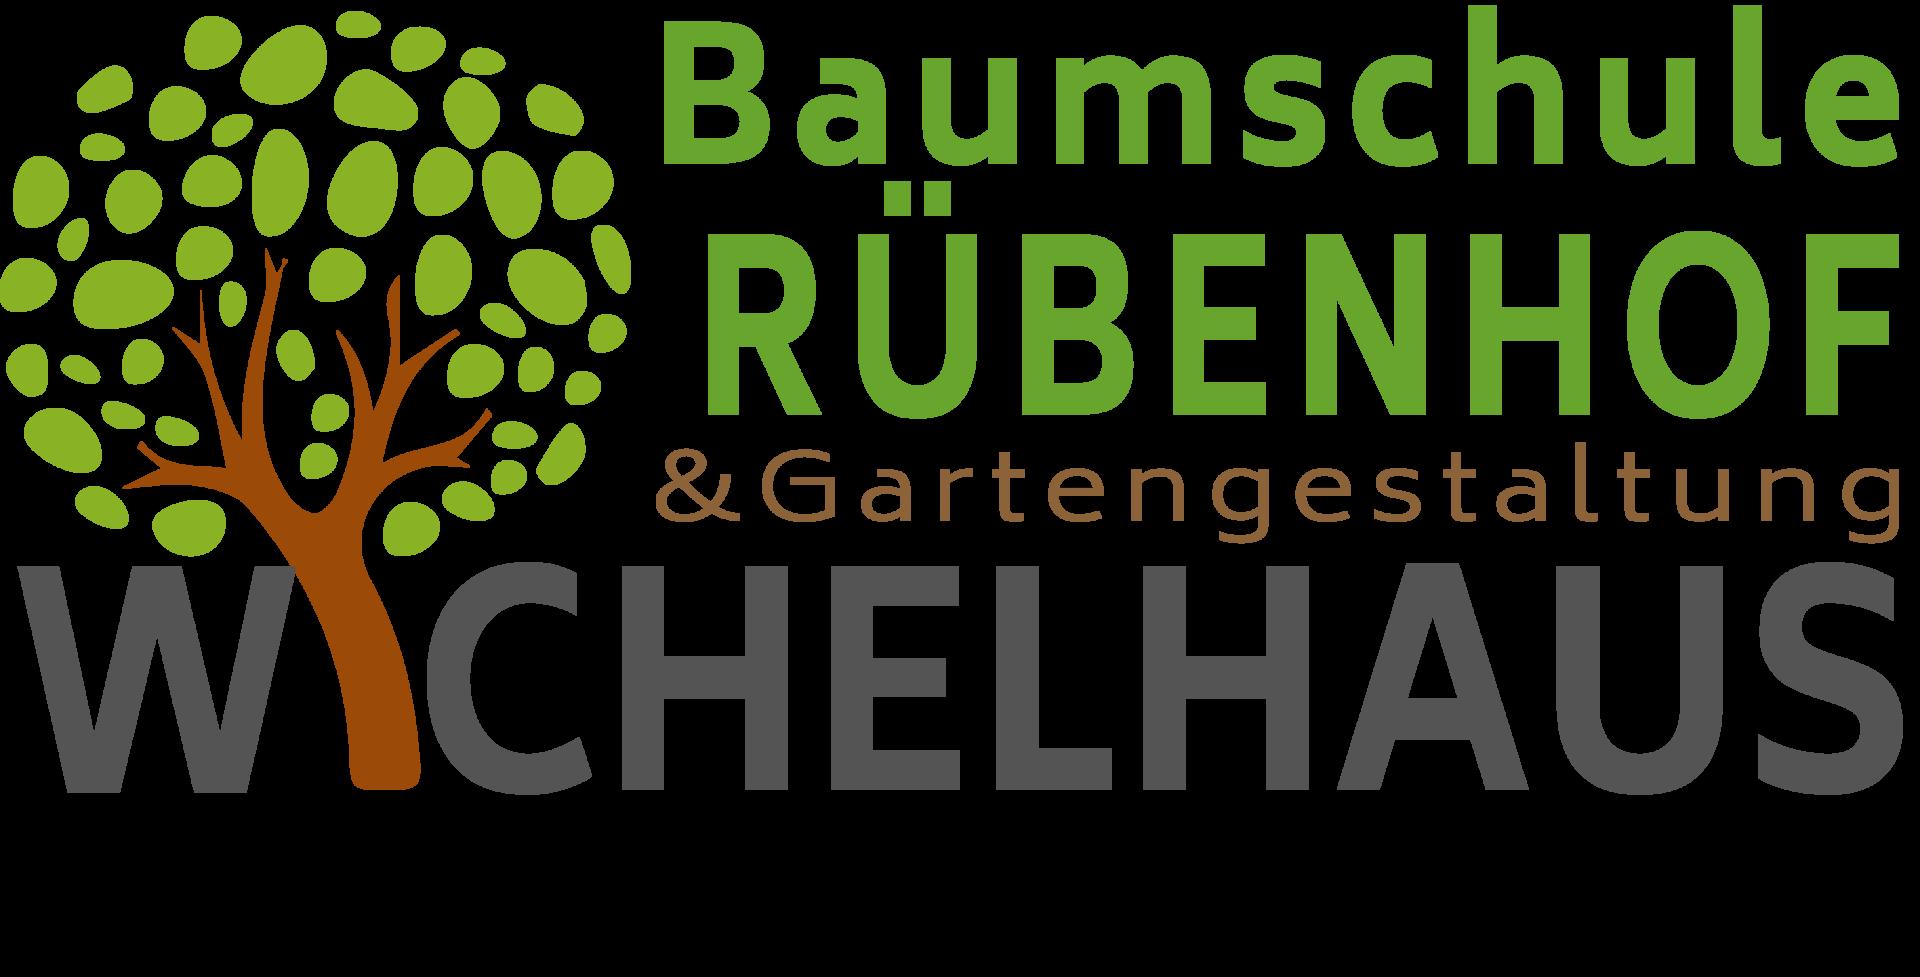 Baumschule Rübenhof